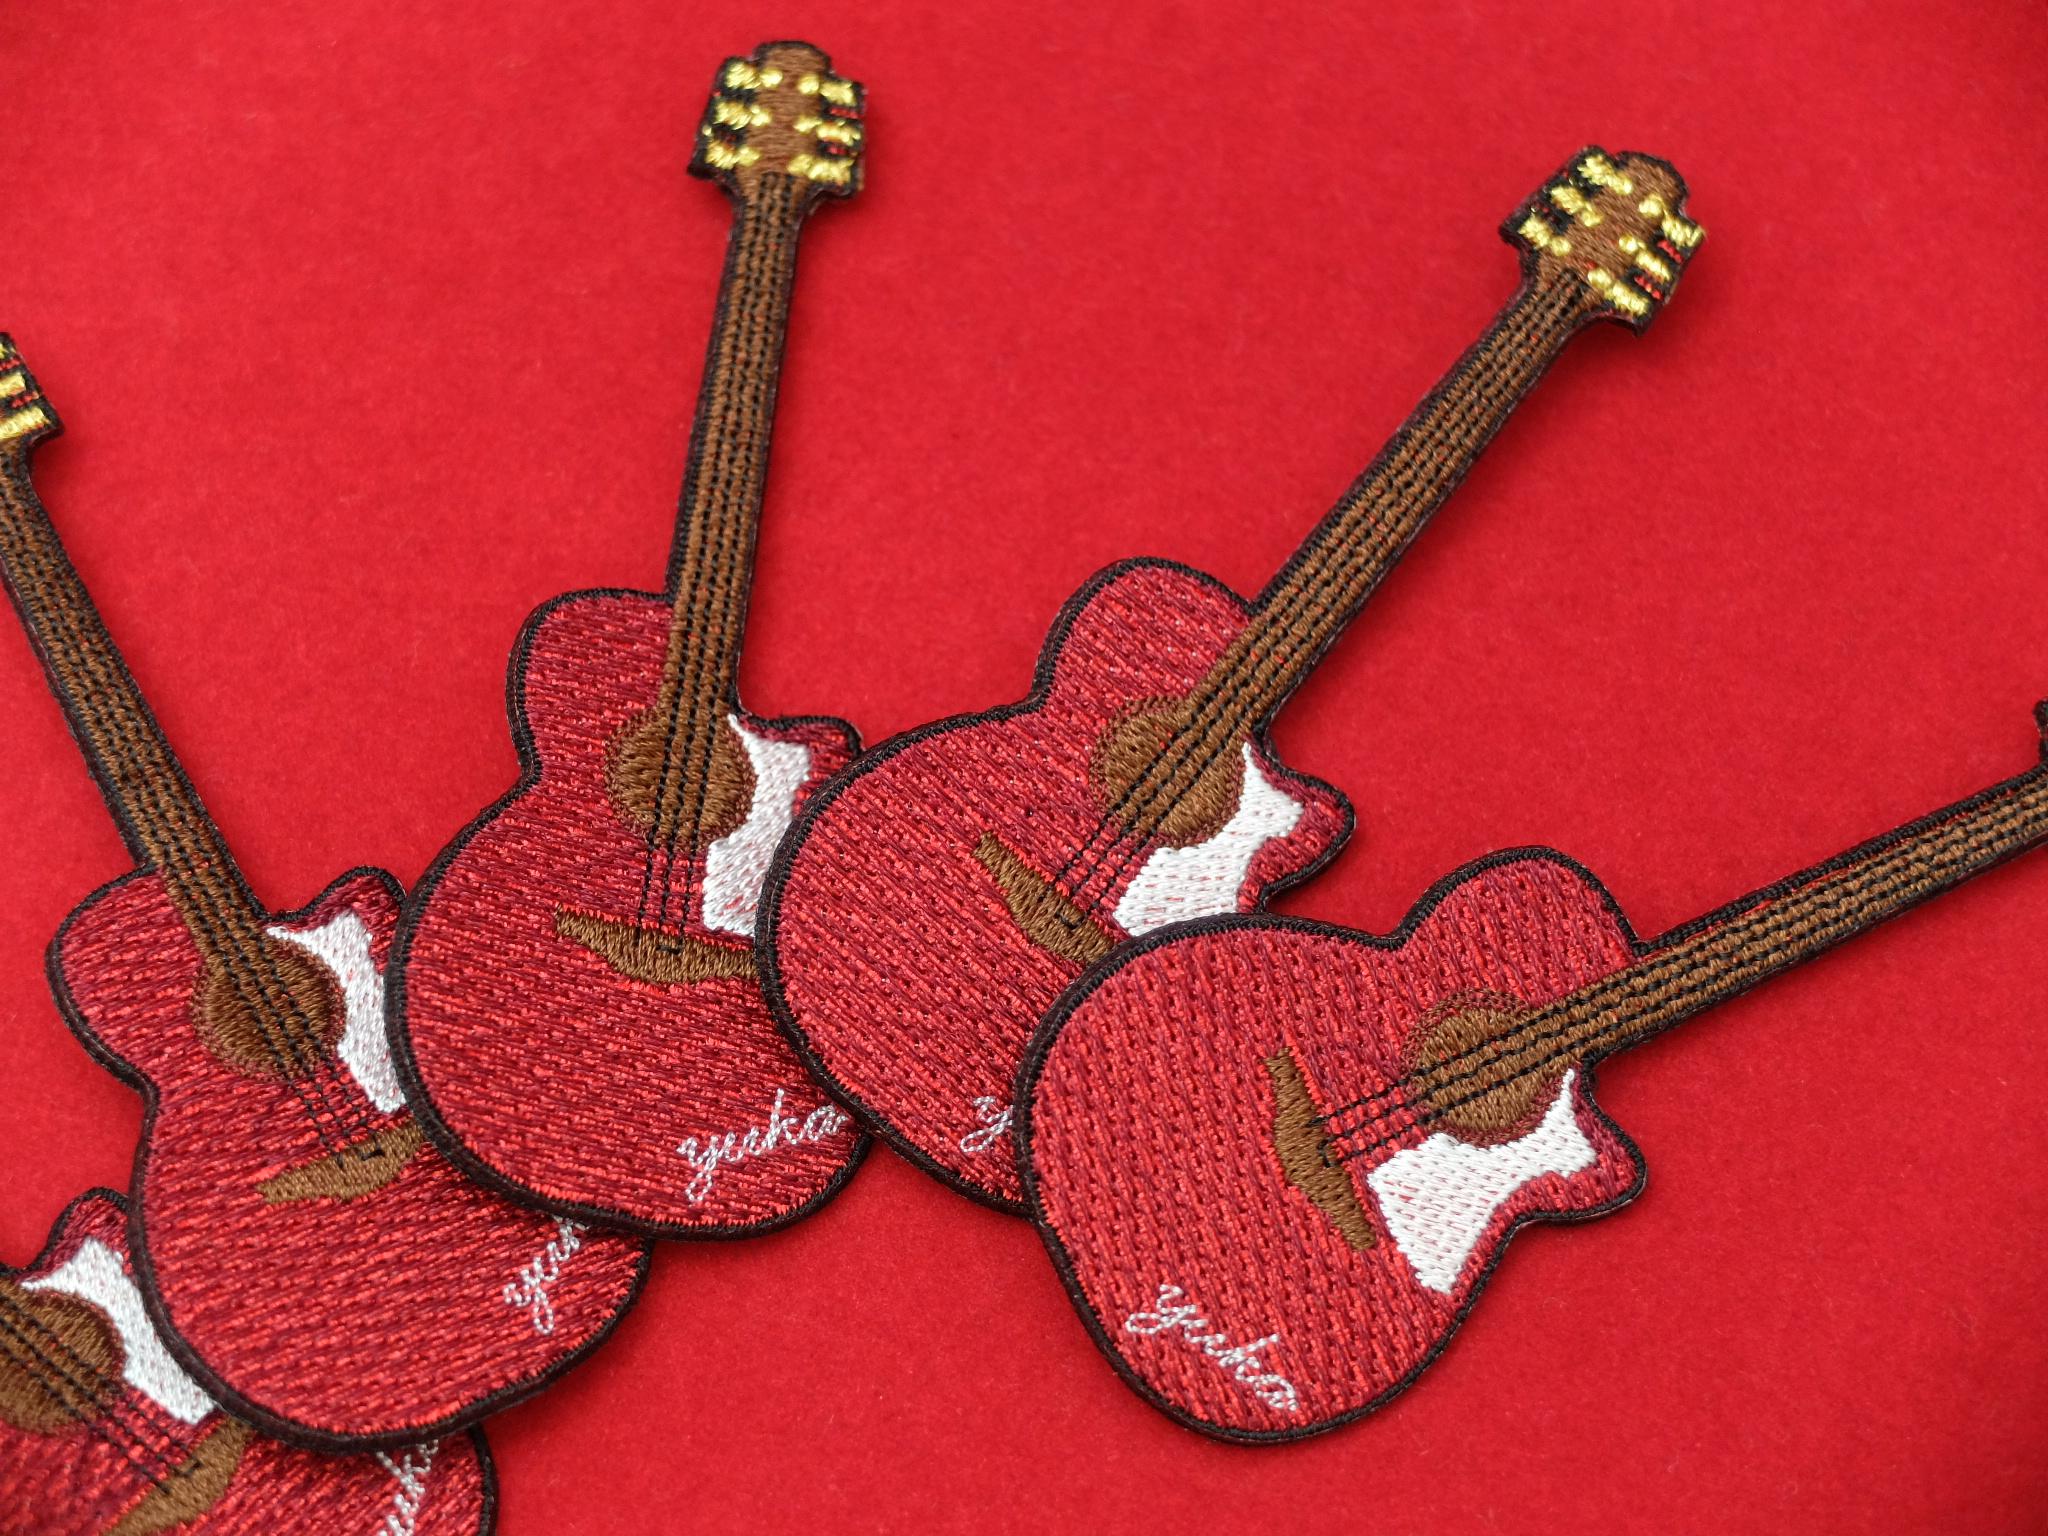 ギター 刺繍ブローチ 楽器刺繍